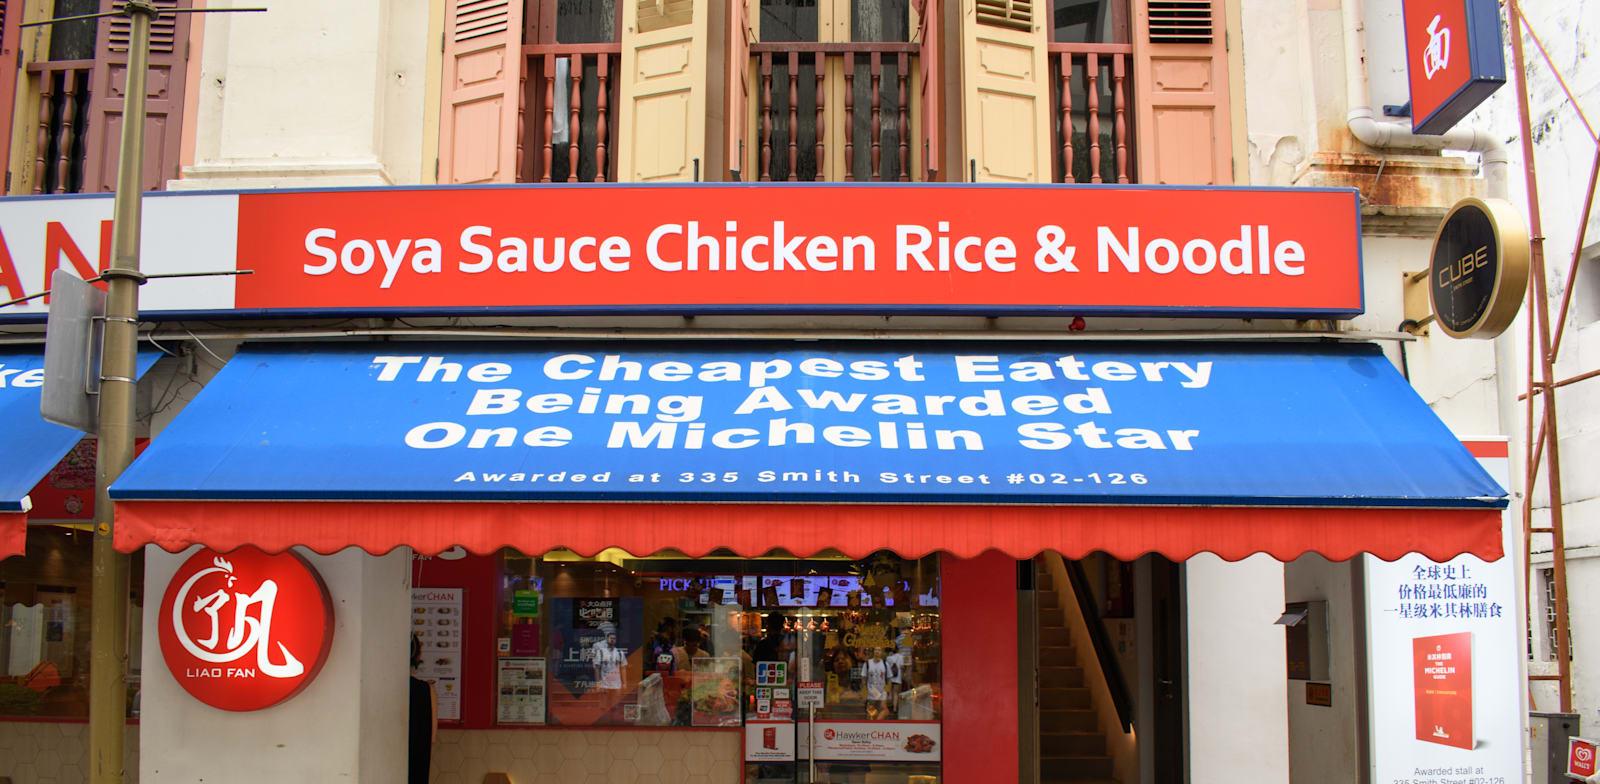 מזללת הרחוב ''Hawker Chan'' שבסינגפור. עד לאחרונה הייתה המסעדה הזולה ביותר עם כוכב מישלן / צילום: Shutterstock, Arnieby